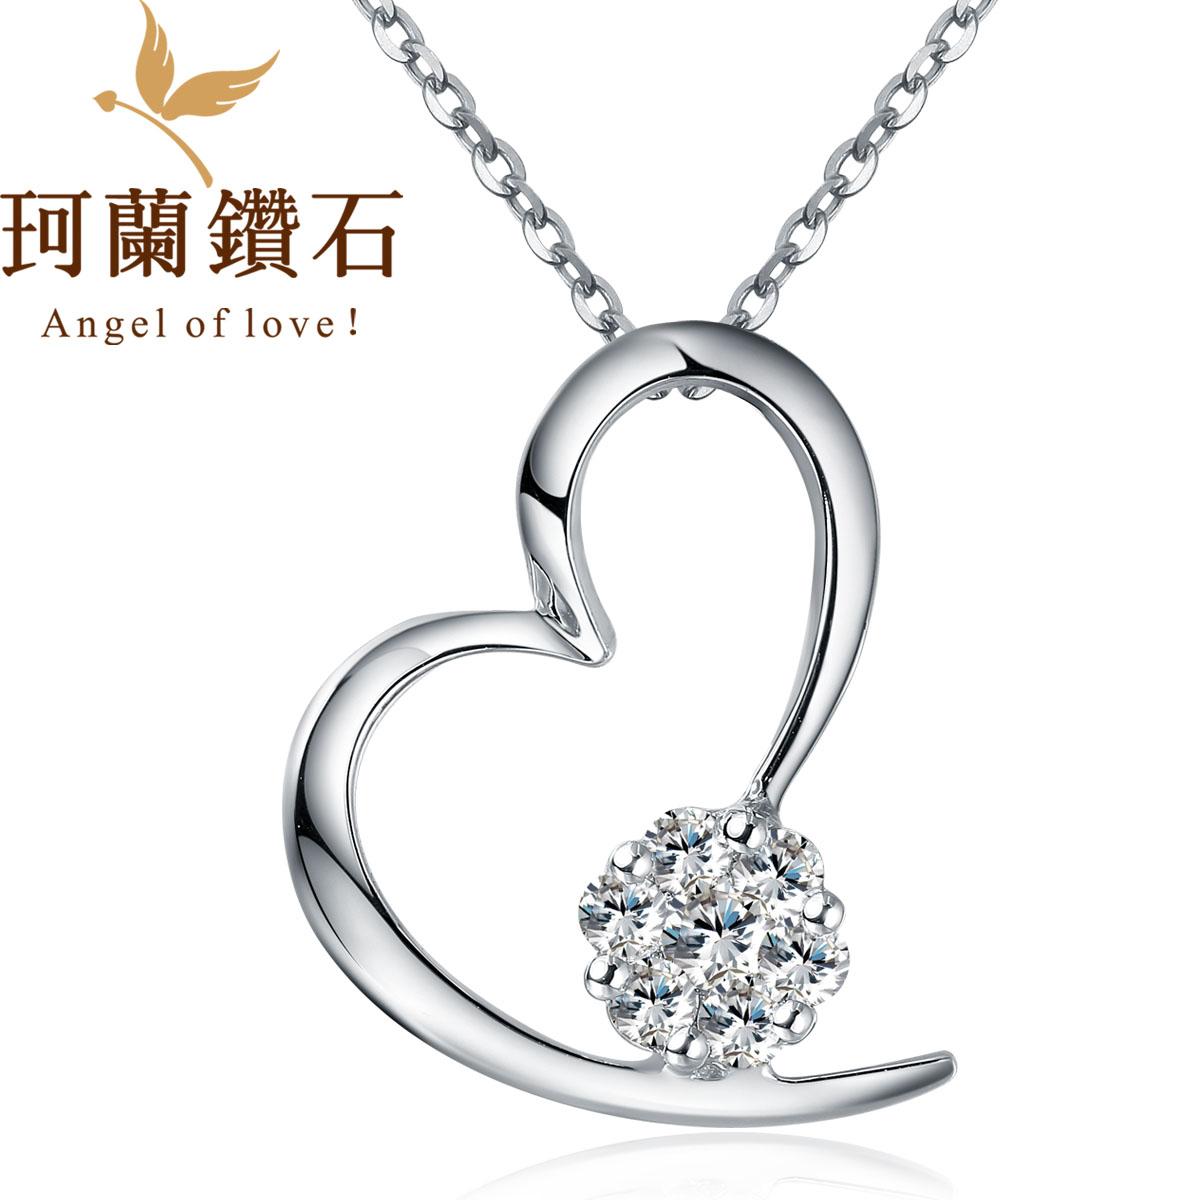 珂兰钻石 18K白金完美心形吊坠项链群镶项坠女 正品专柜 S心怡